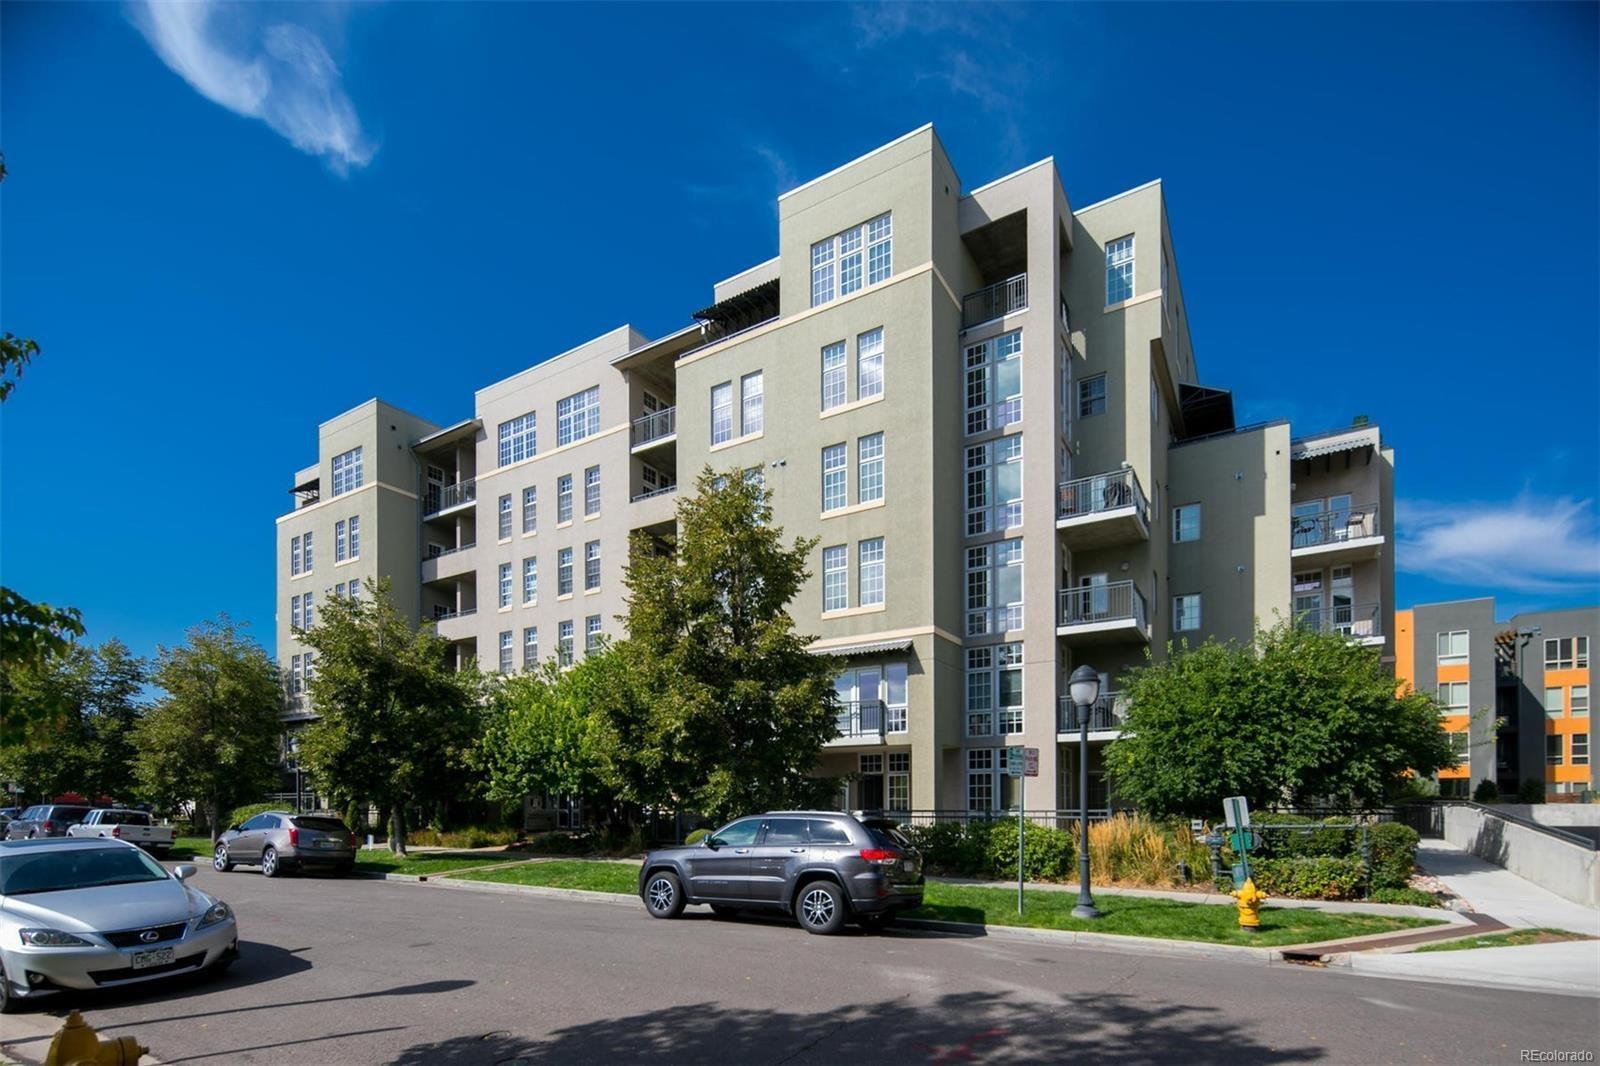 MLS# 8642779 - 36 - 275 S Harrison Street #312, Denver, CO 80209